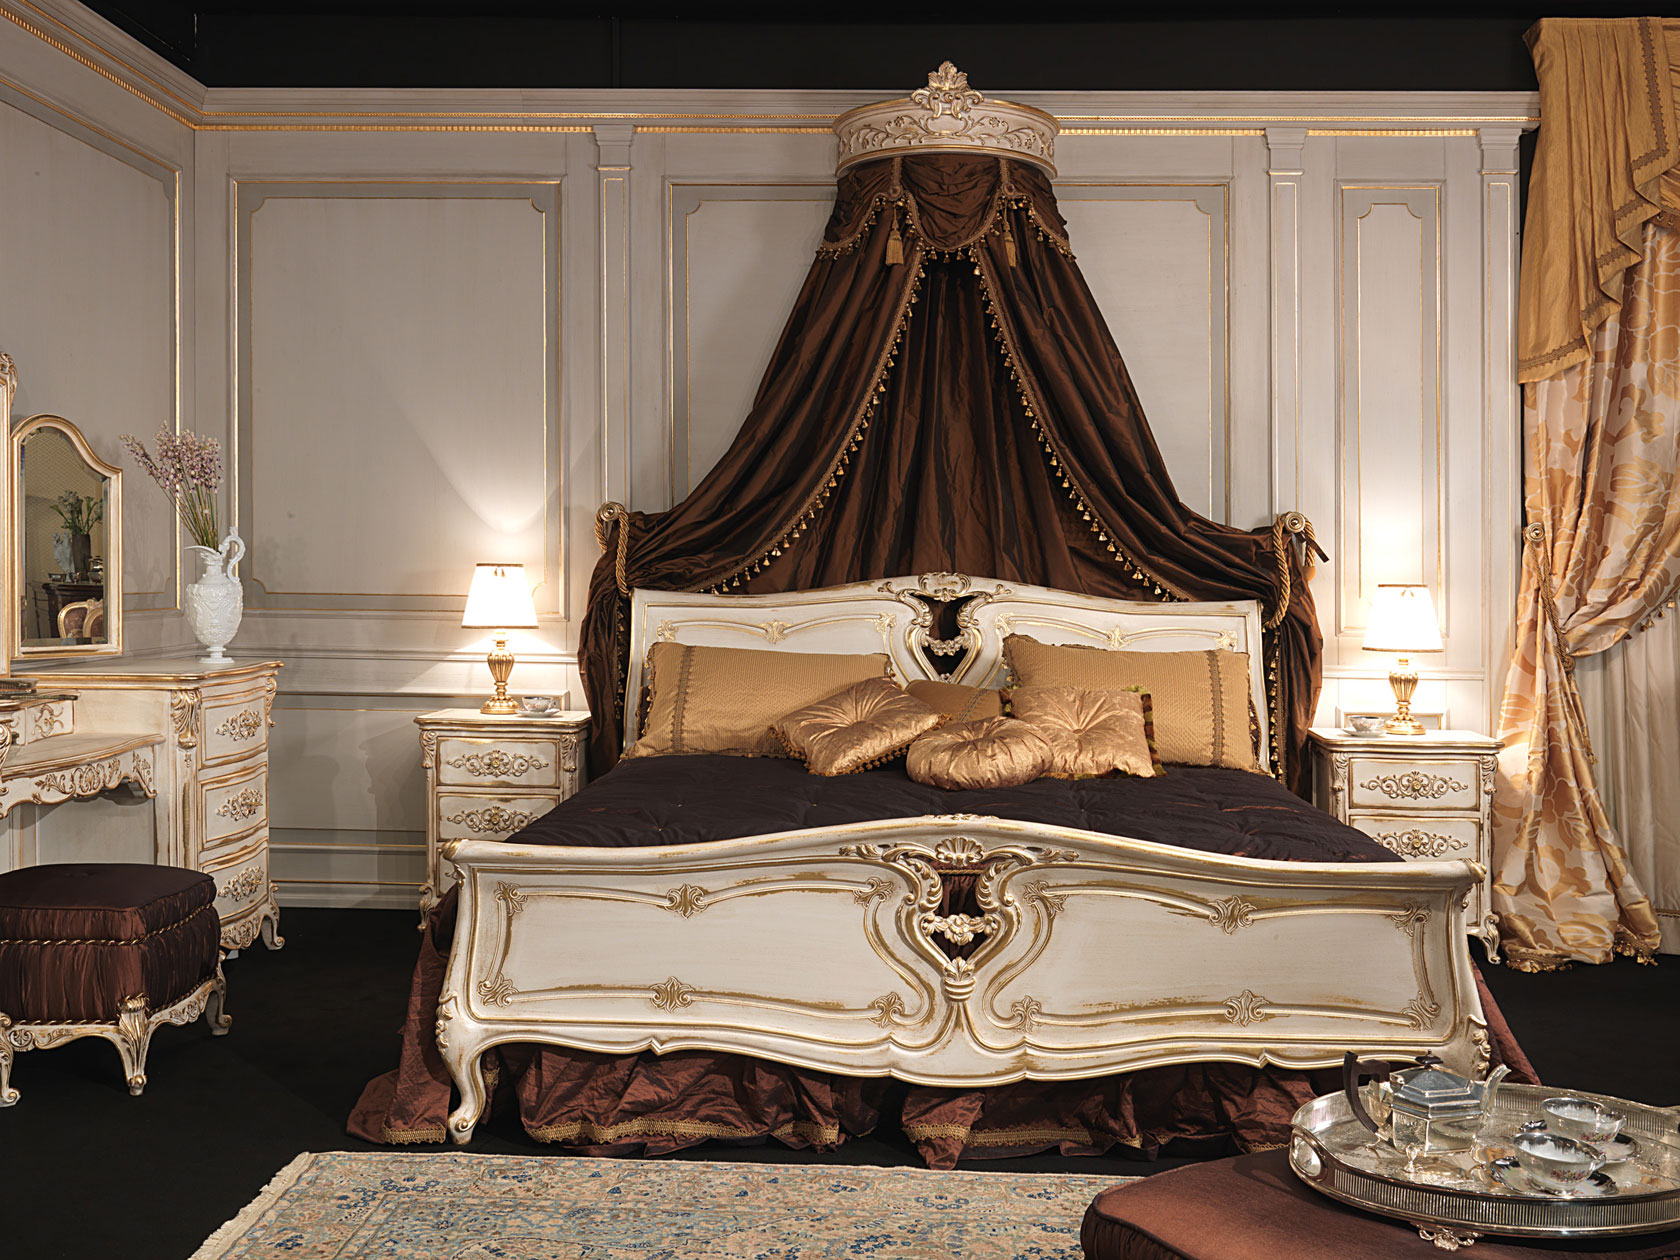 Camera da letto in stile luigi xvi letto in legno intagliato con baldacchino a parete comodini - Letto a baldacchino in legno ...